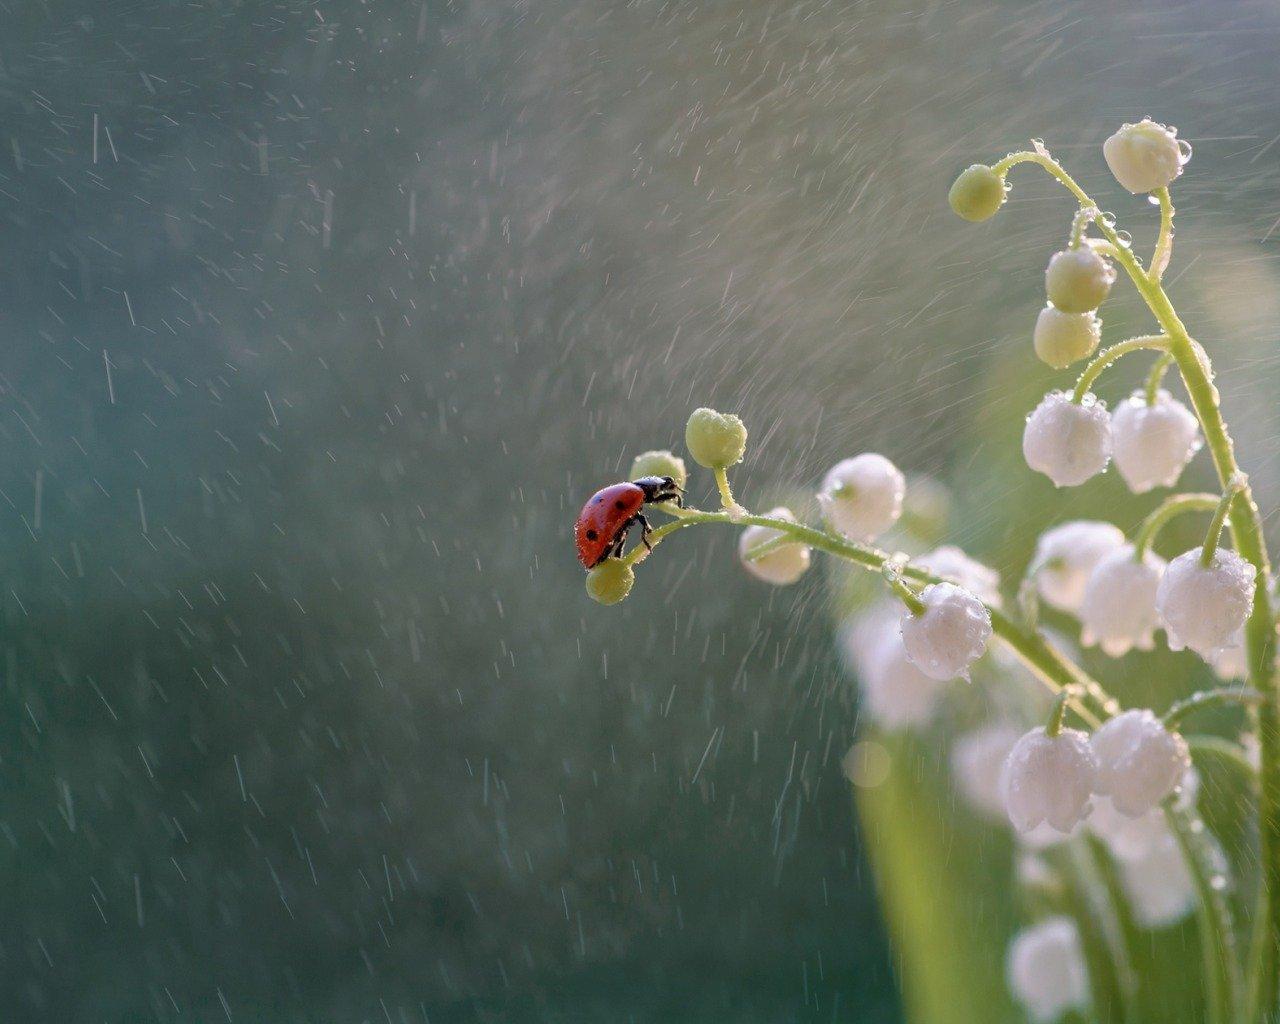 14 июня в Украине ожидаются дожди и жара.